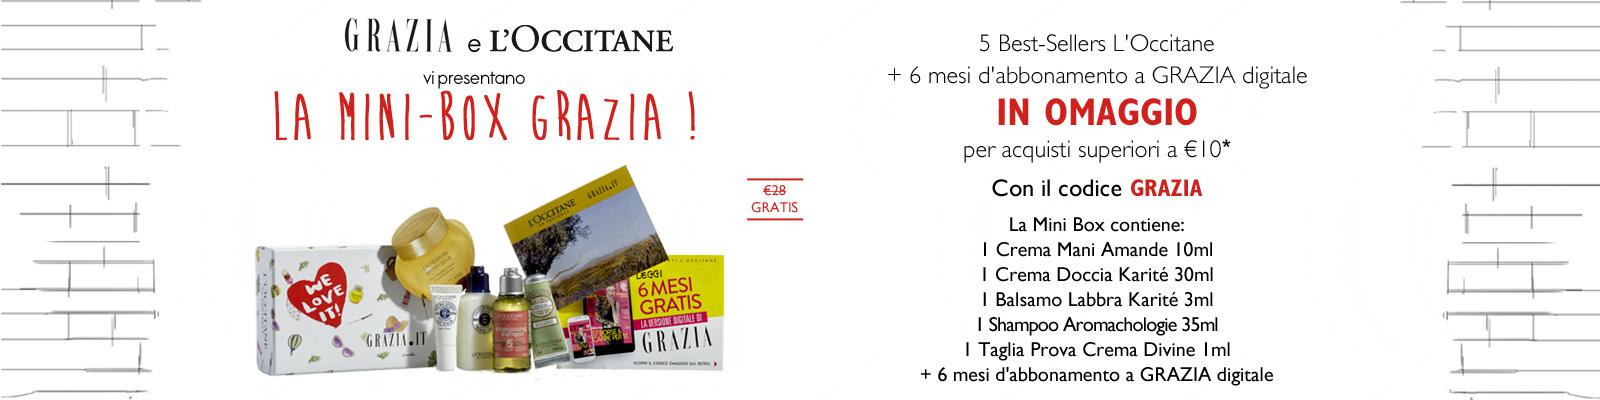 Offre Grazia- L'Occitane France